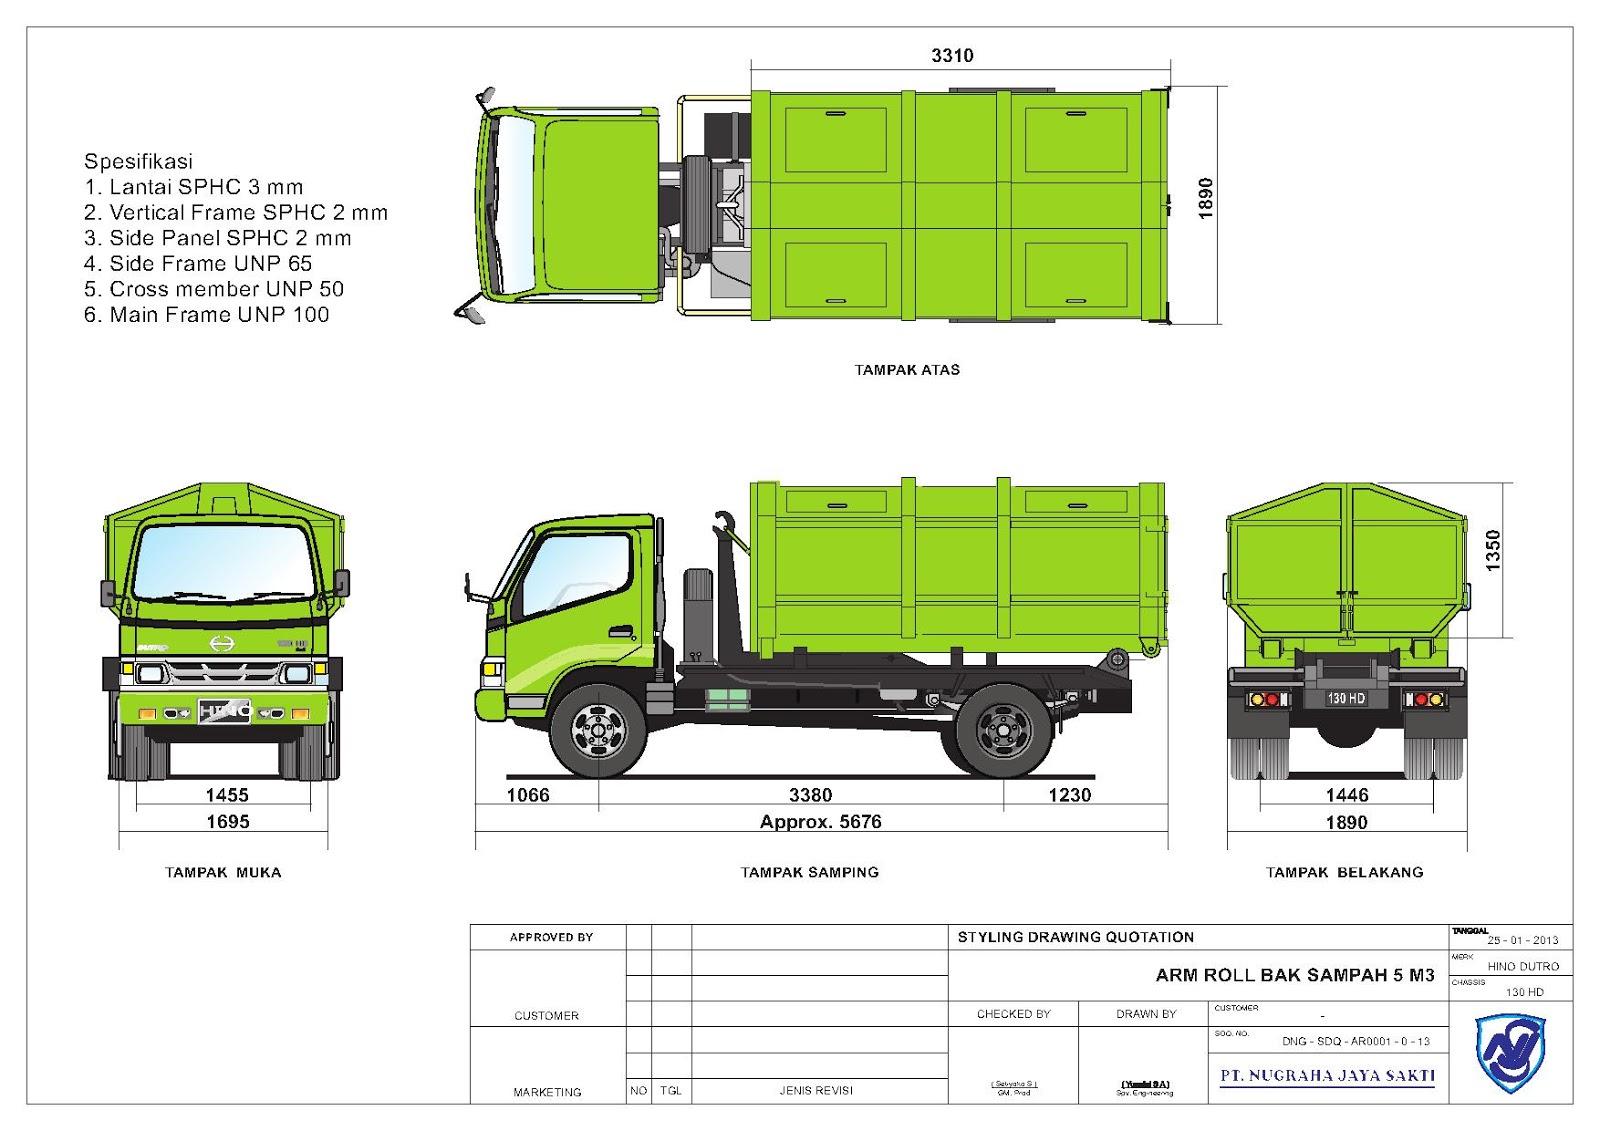 Truck Sampah ~ CV Rejeki Sukses Bersama | Industri ...